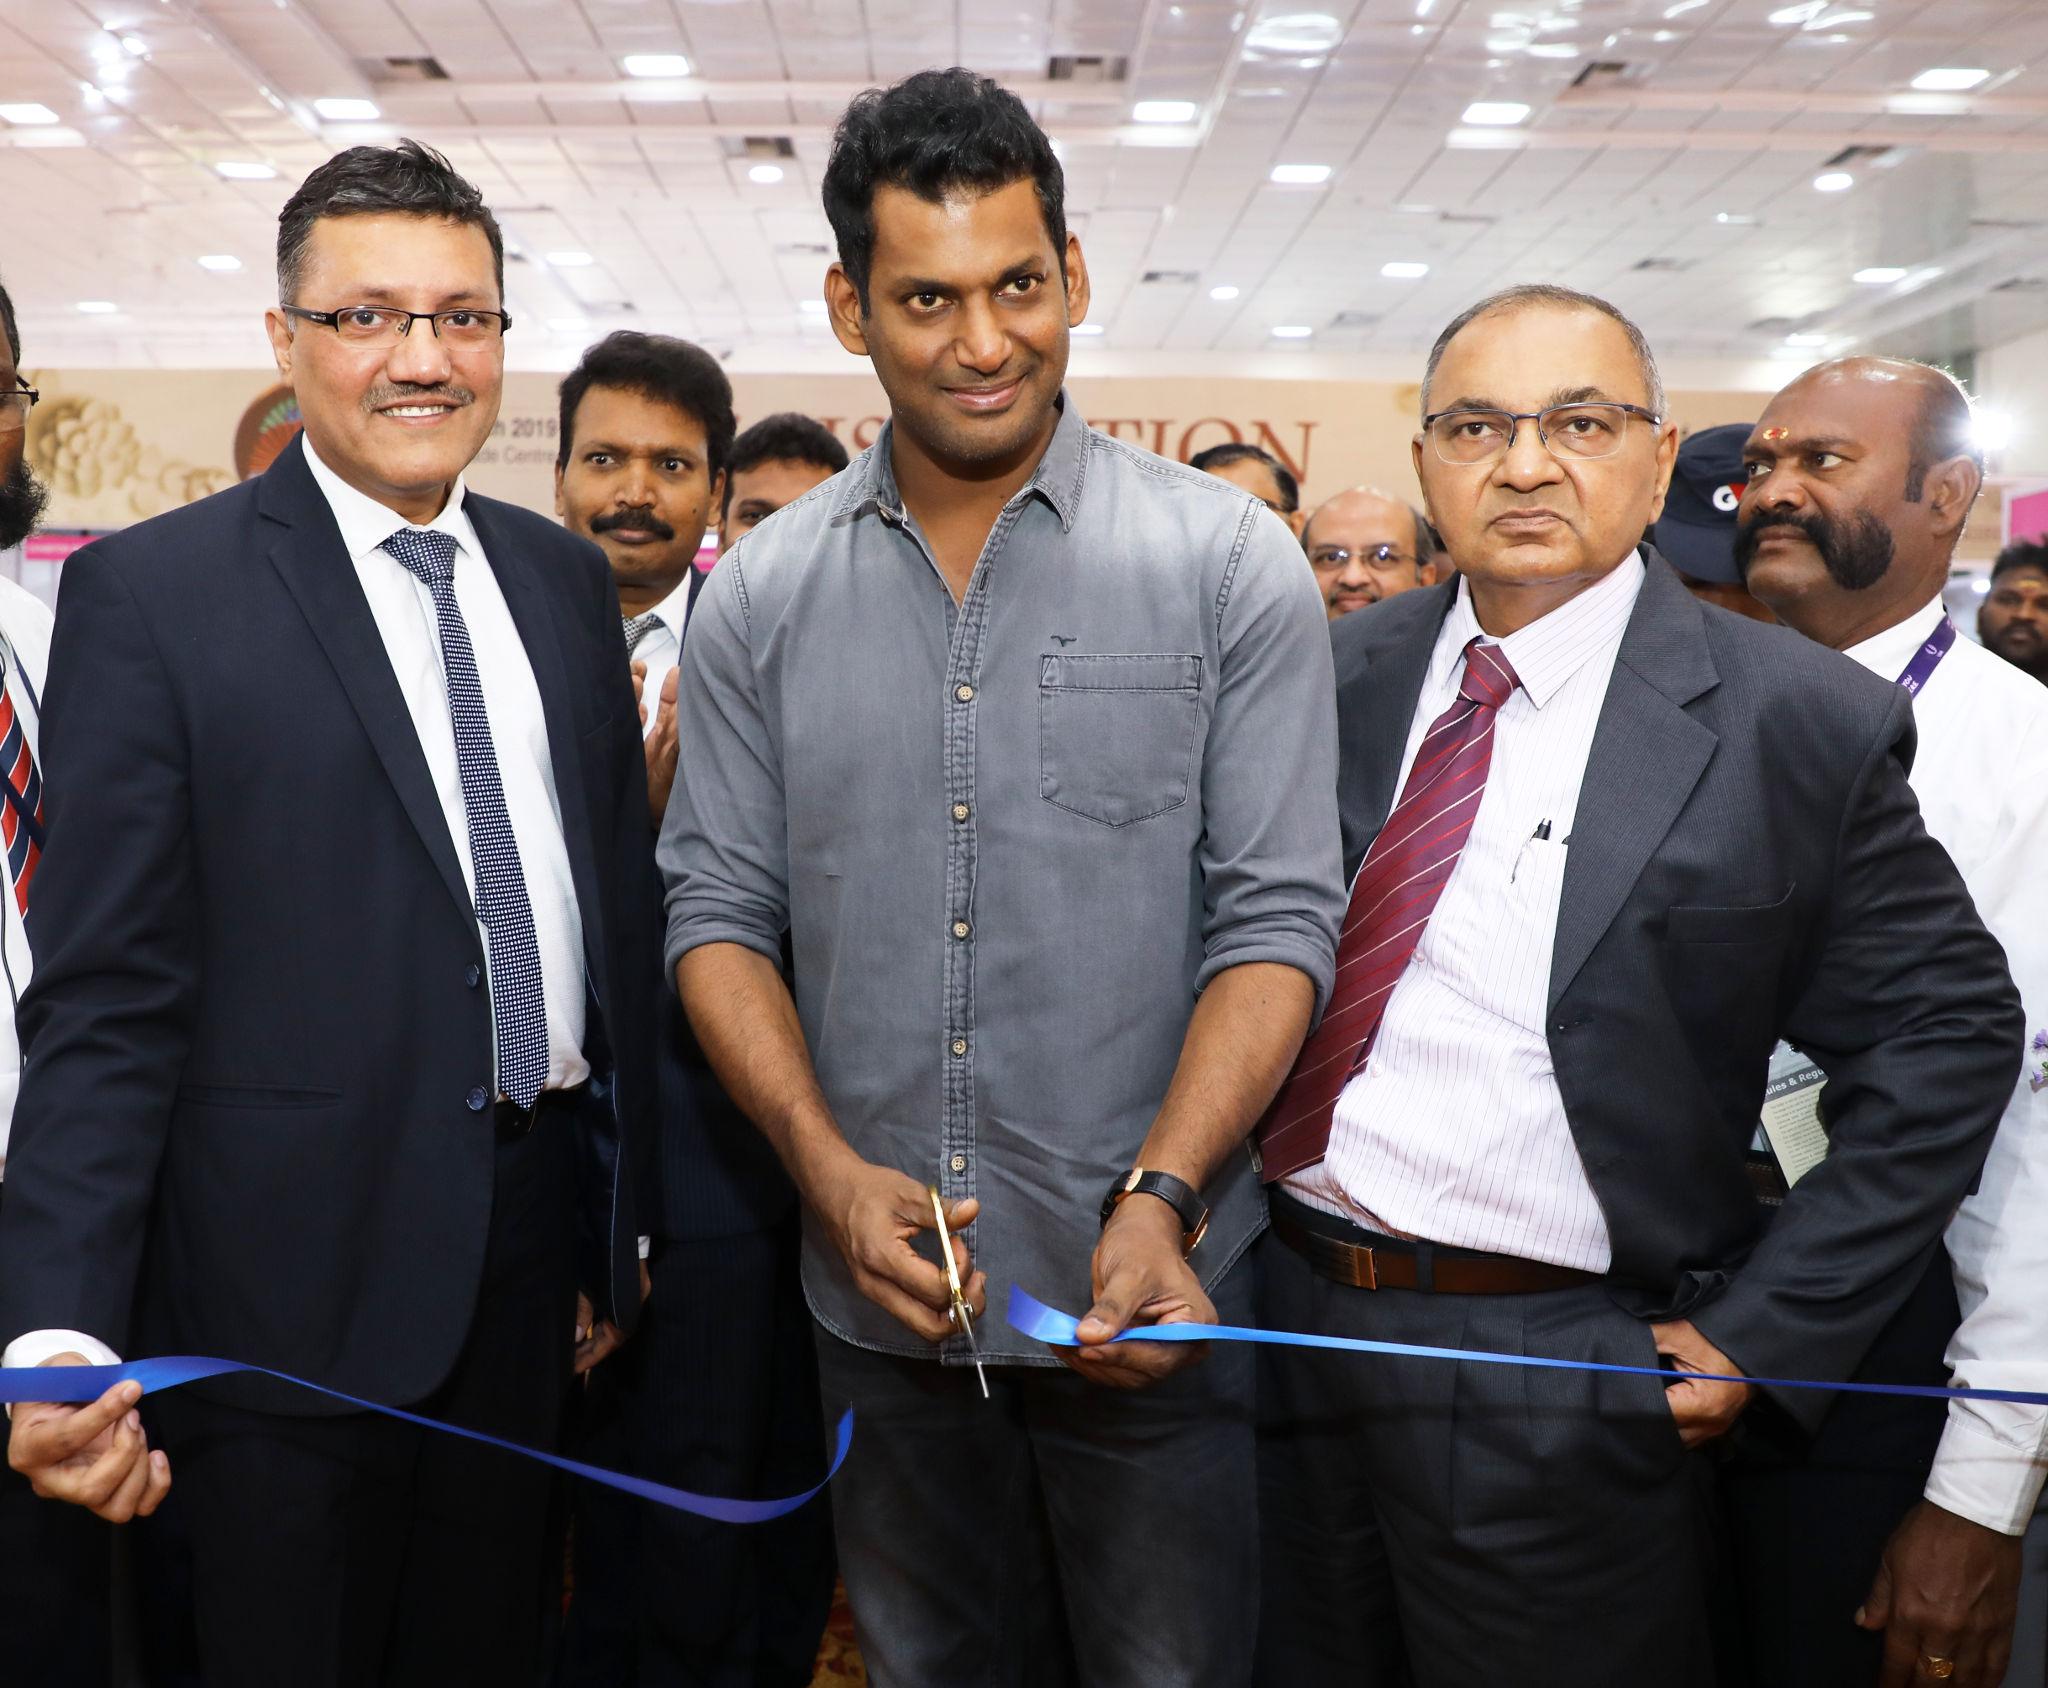 Yogesh Mudras, Vishal, Yogesh Shah inaugurated UBM India's 3 days Chennai Jewellery & Gem Fair